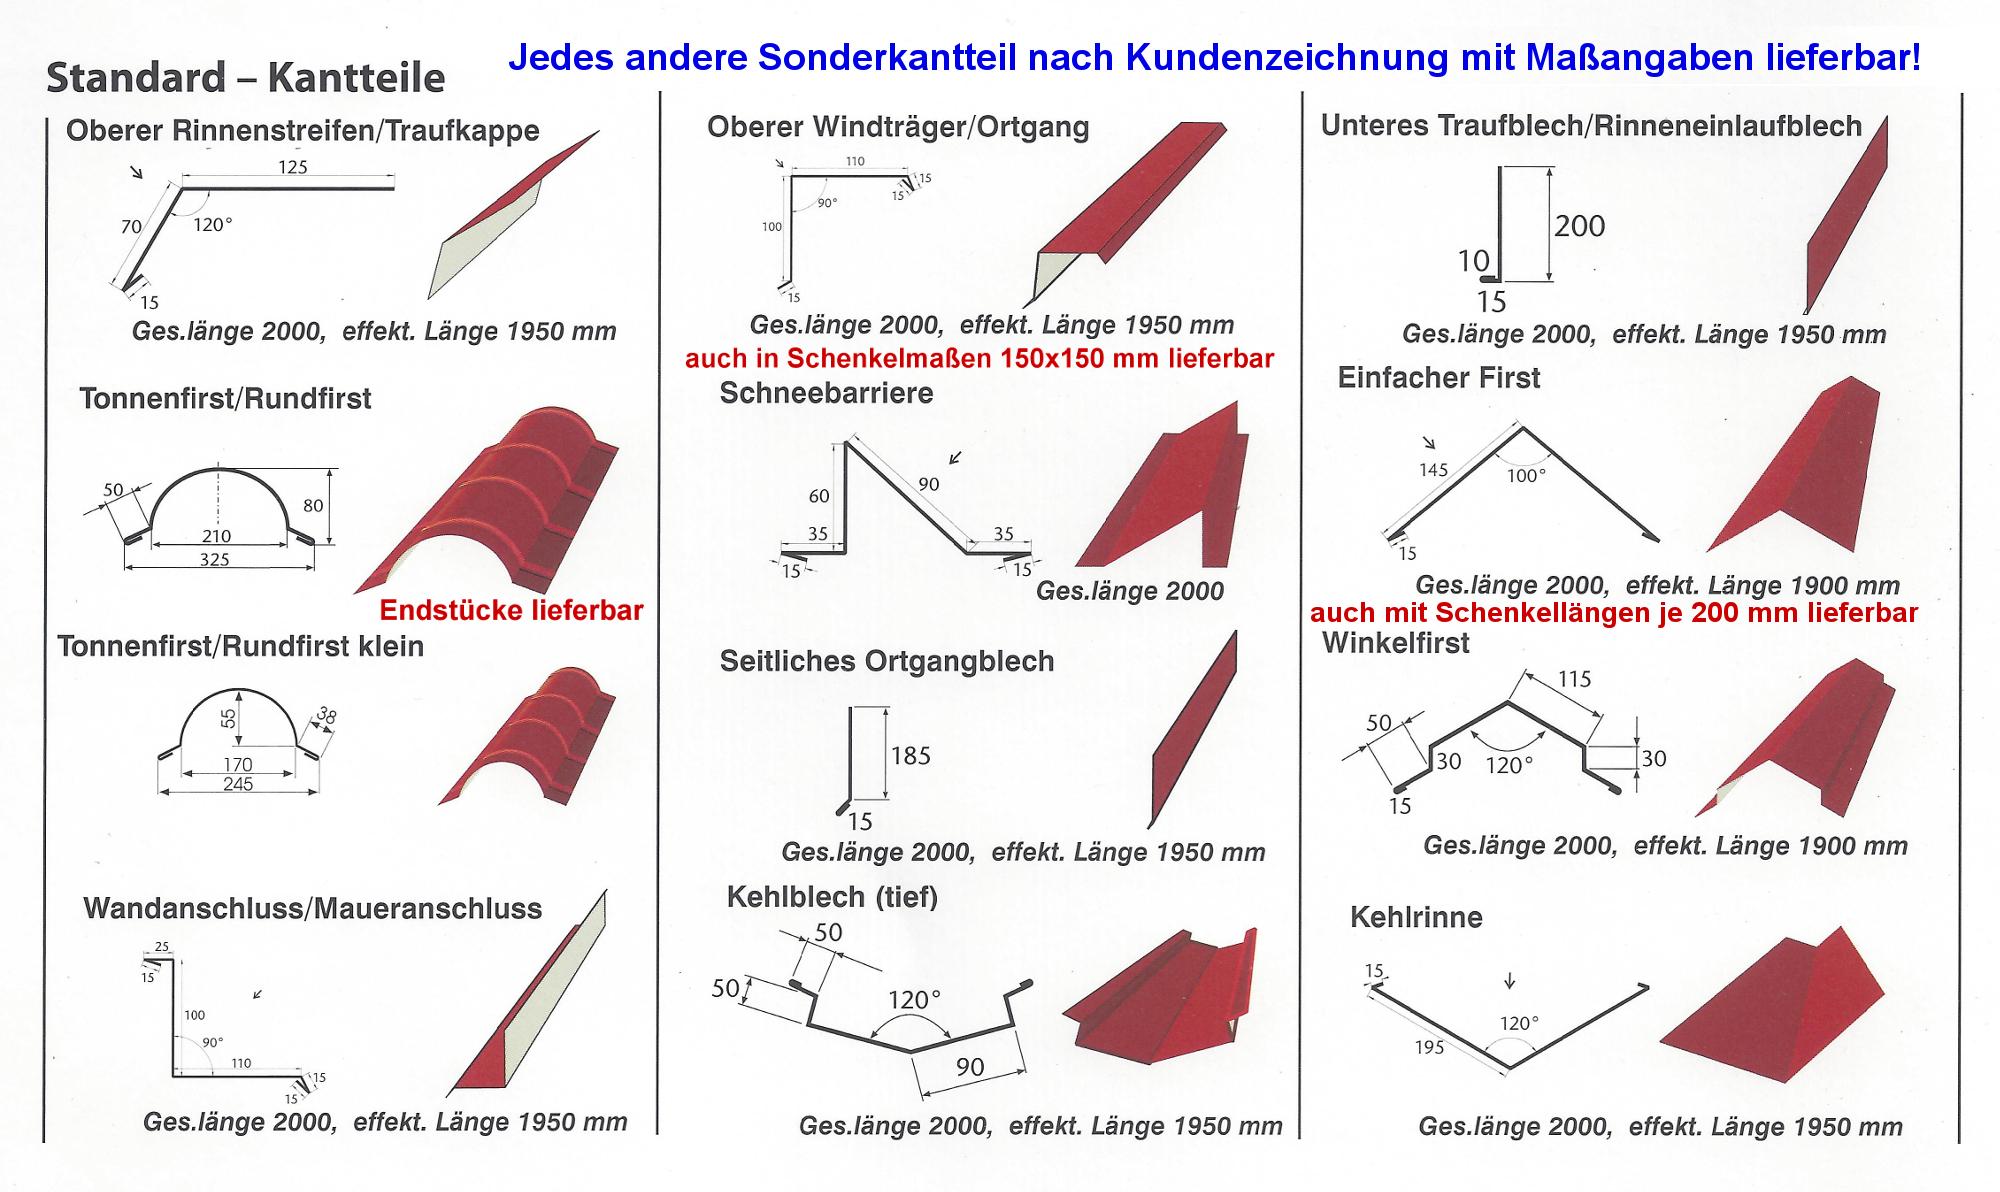 Kantteile - Blechumrandungen für jedes Blechdach